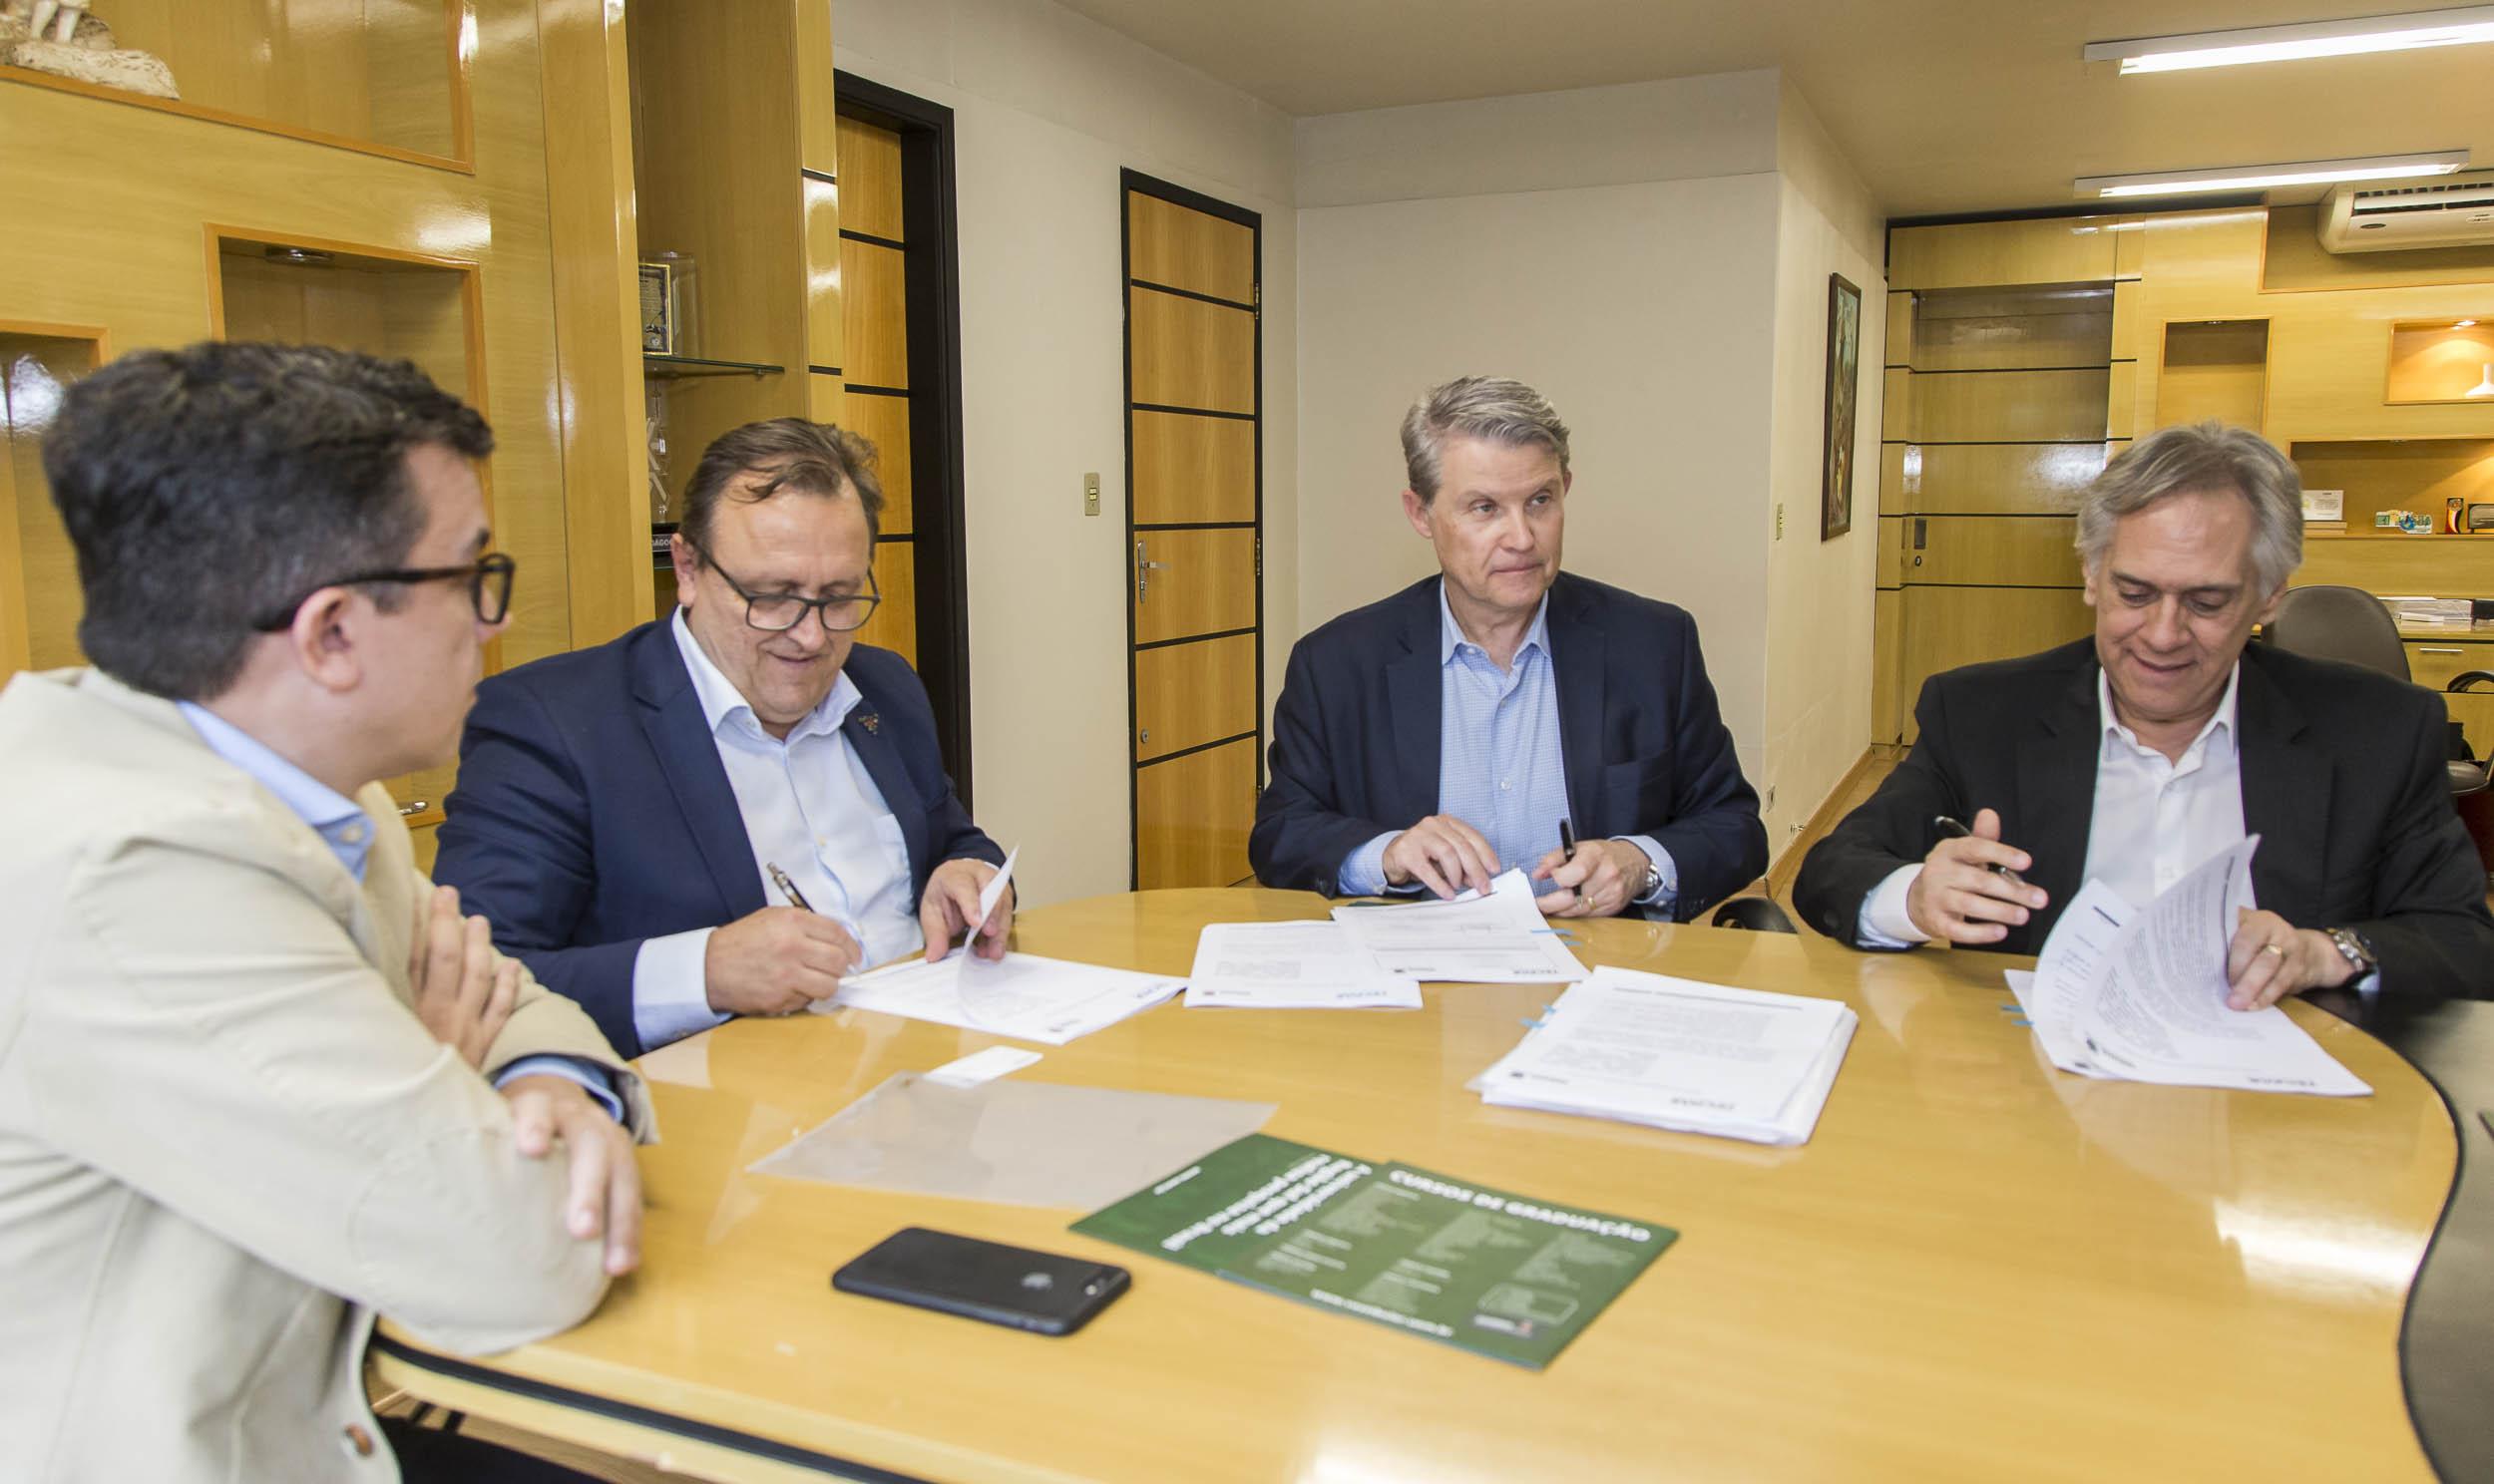 Acordo entre UEM e Tecpar promete beneficiar a sociedade com soluções para a inovação e tecnologia